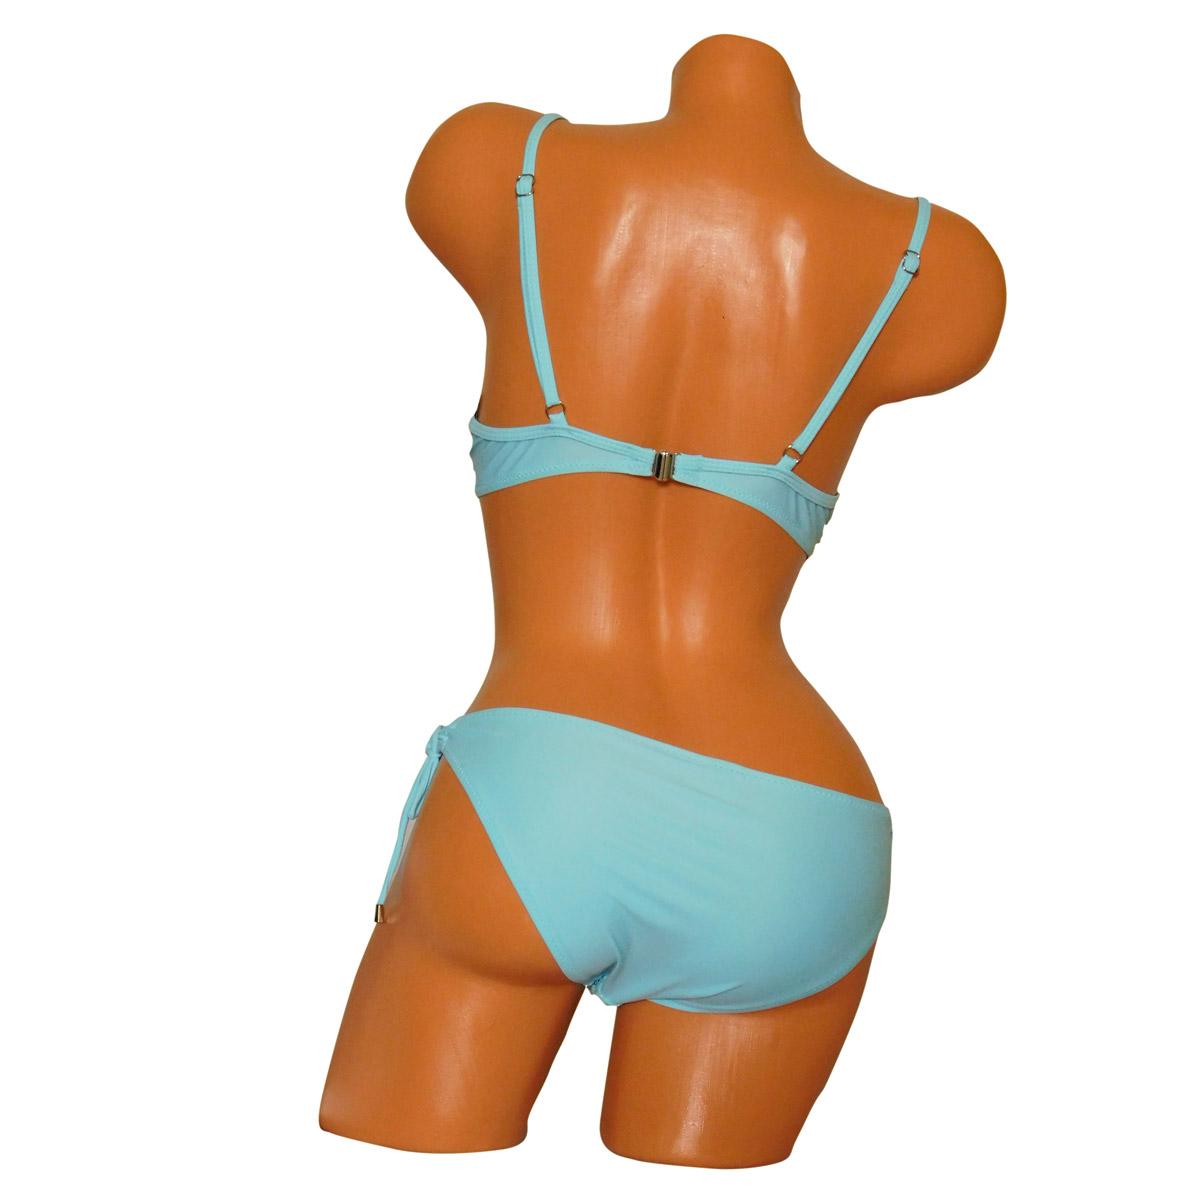 Merevítős push-up bikini, kötős csipkés bugyival kék szinben